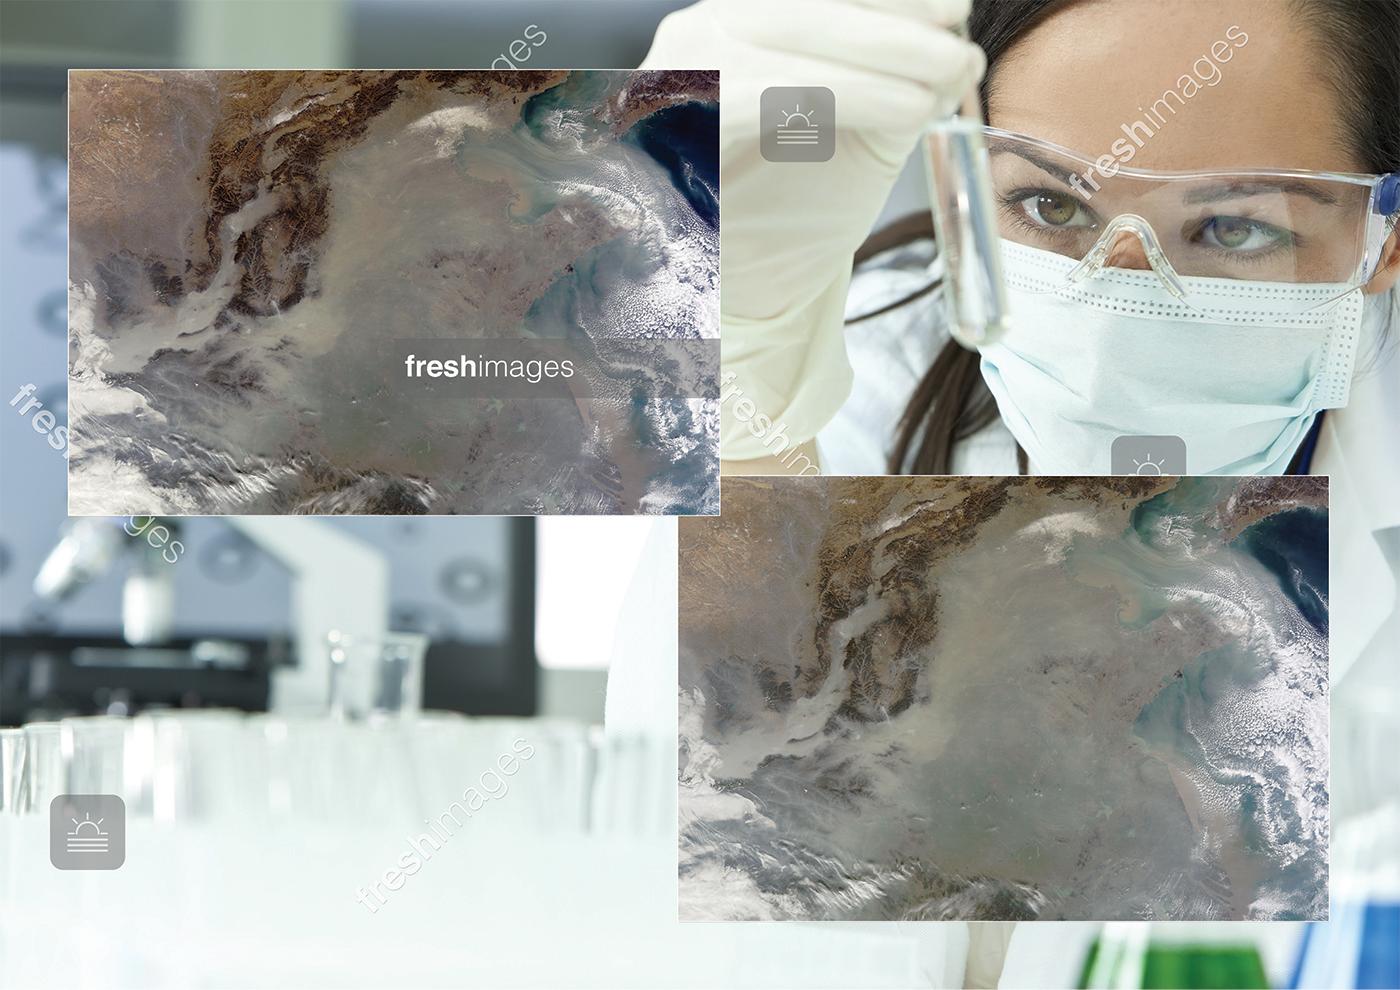 freshimage_005